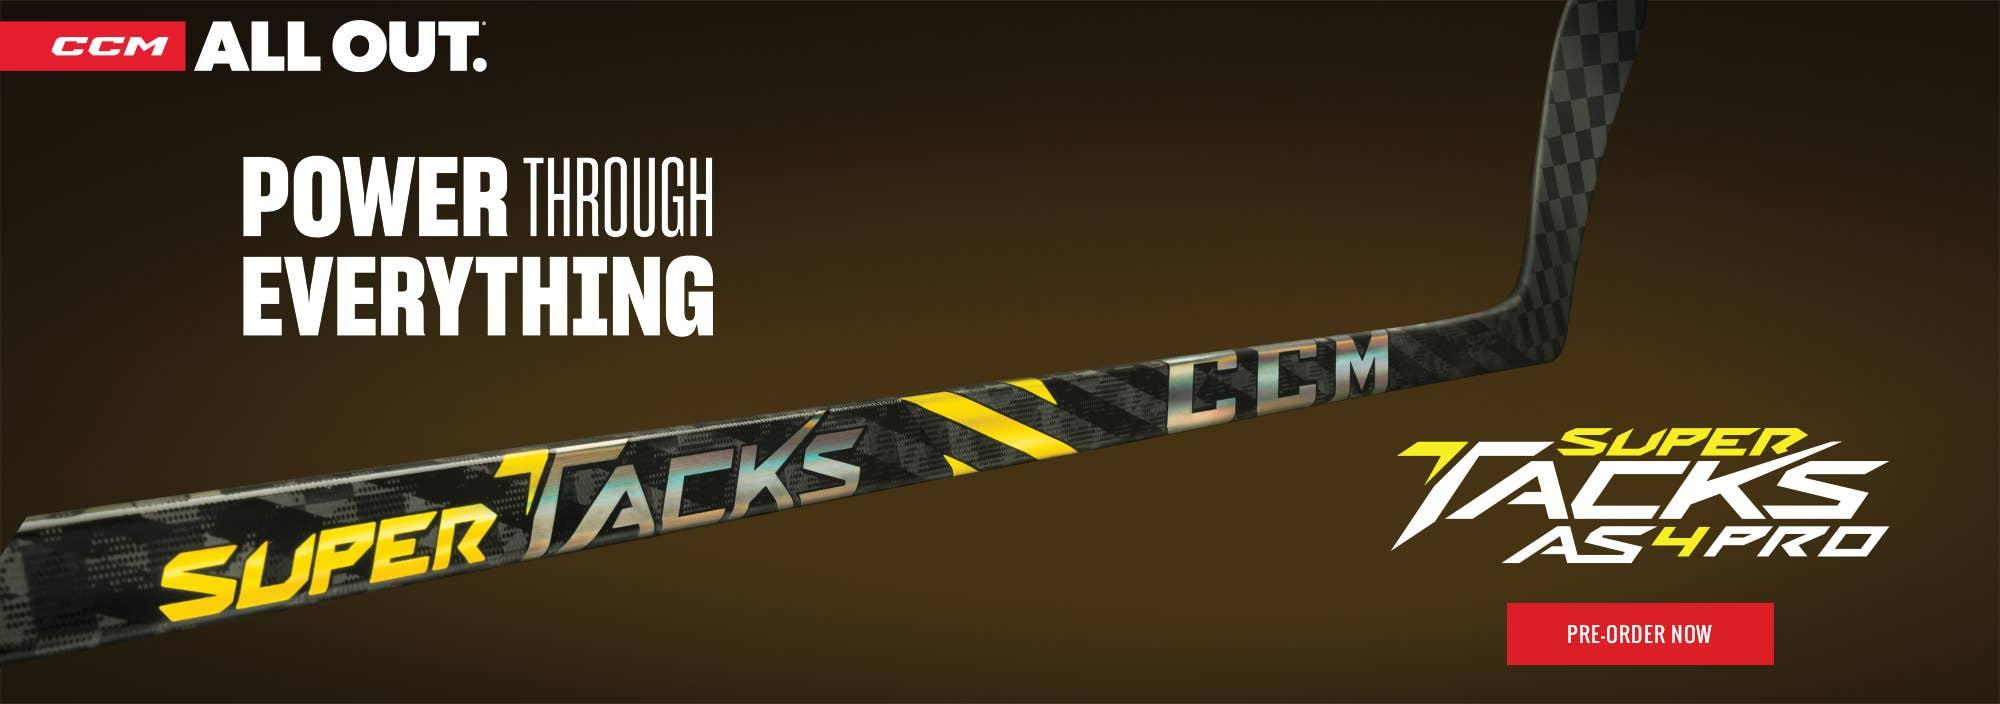 CCM Super Tacks AS4 Pro Hockey Sticks